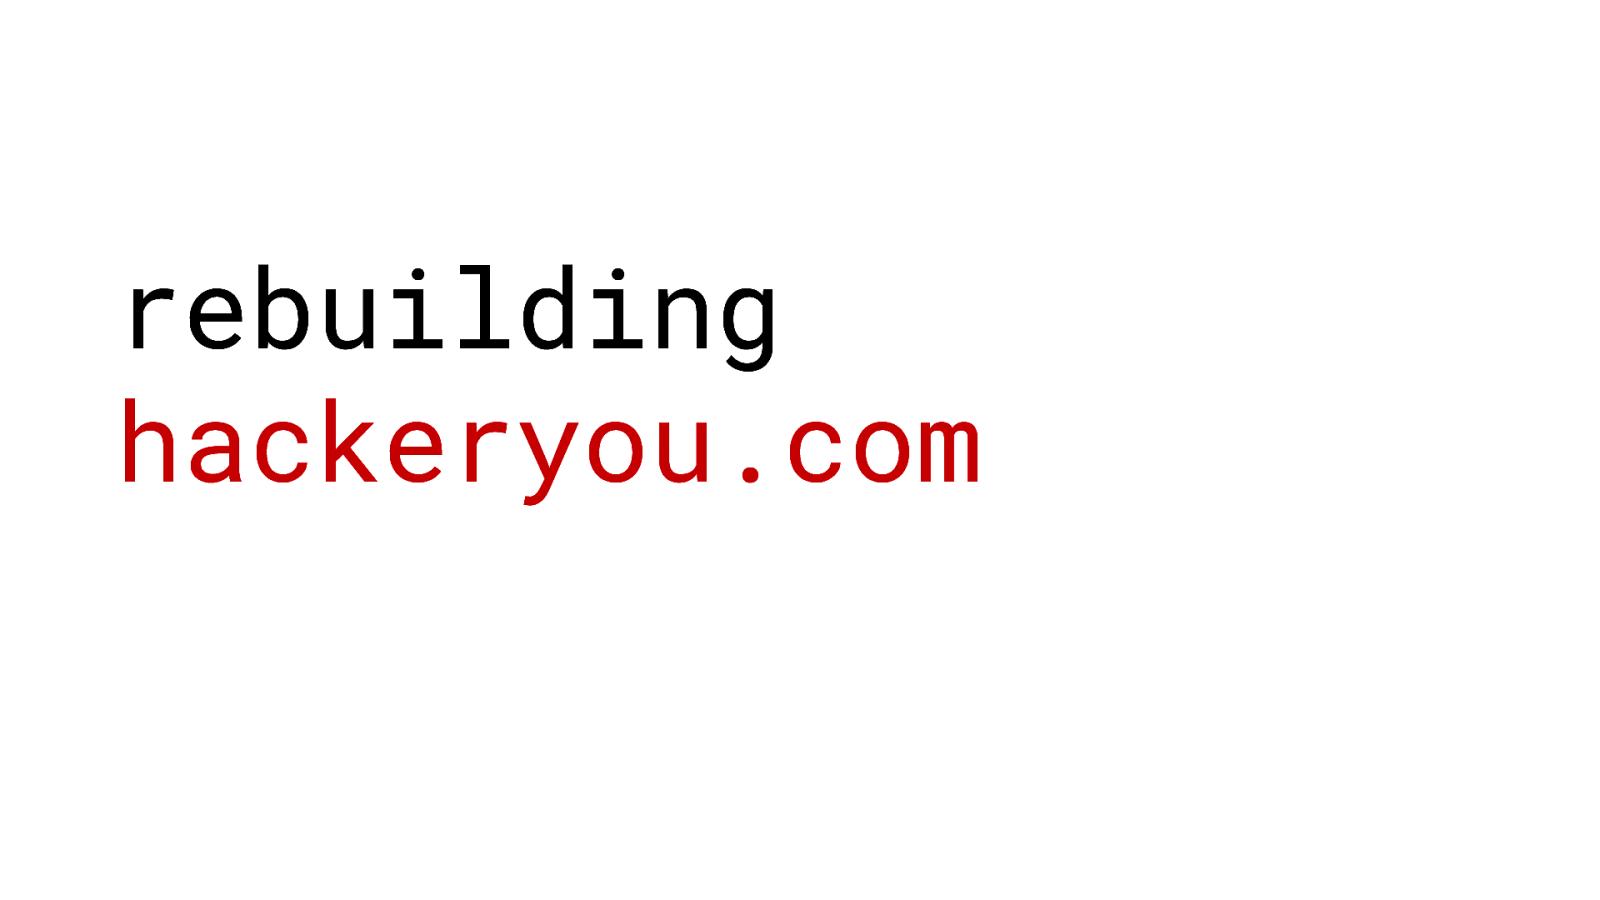 Rebuilding hackeryou.com